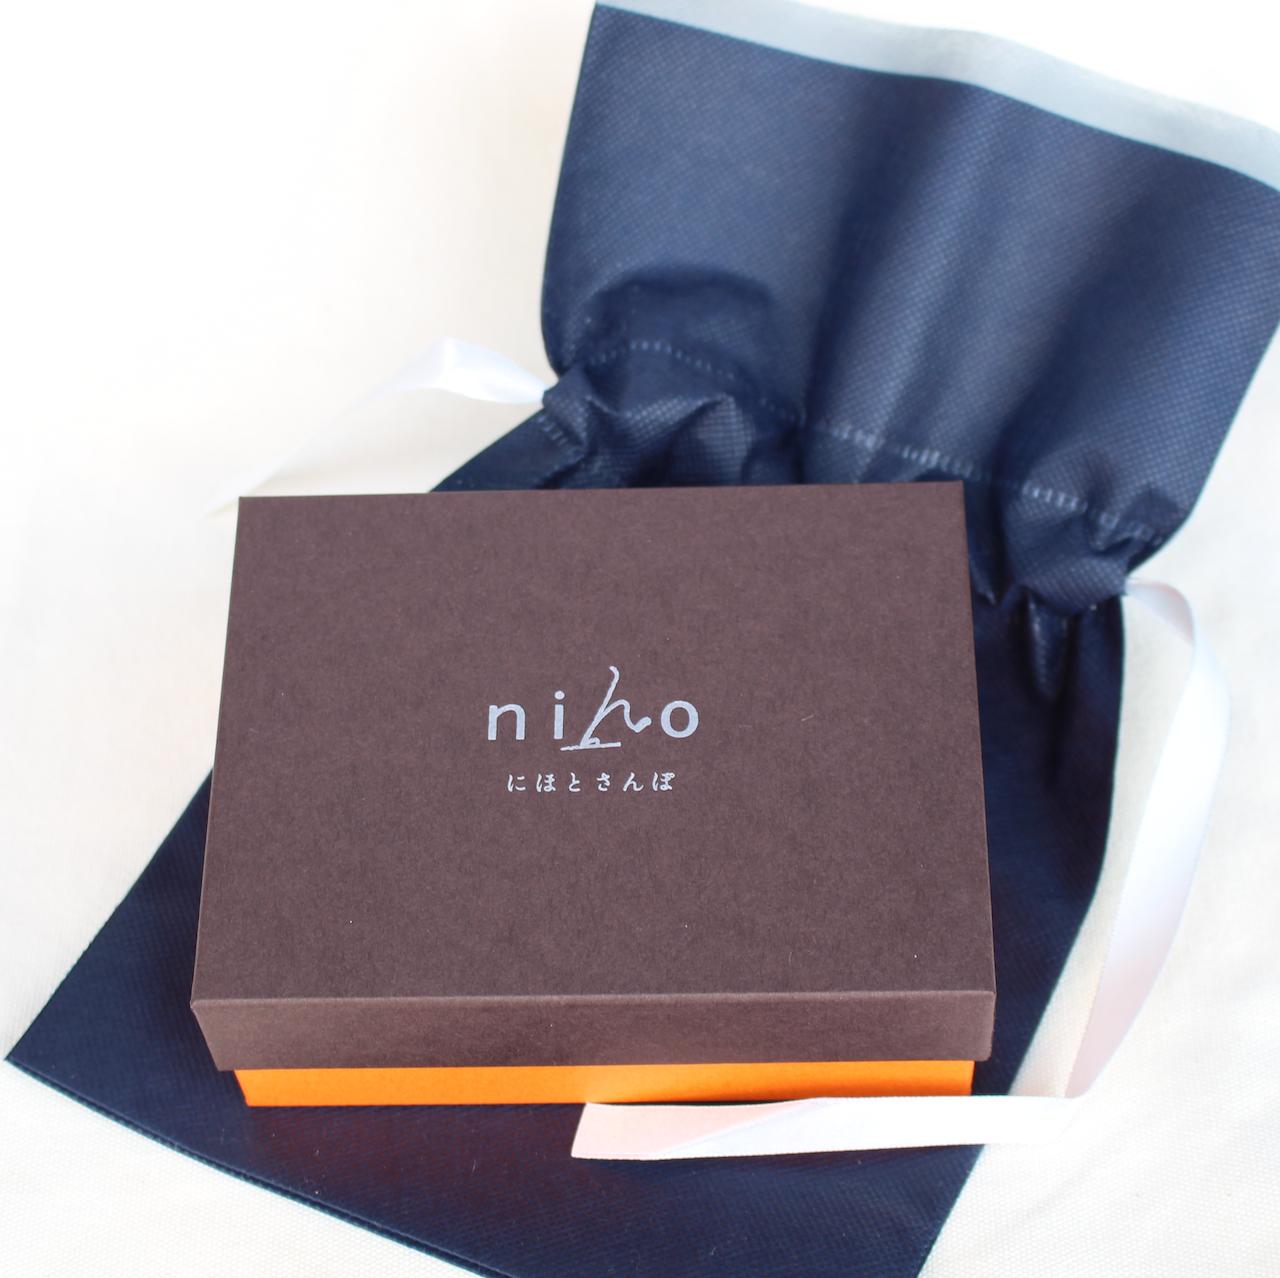 【財布】 - niho - 小銭が取り出しやすい財布専用 ギフトラッピング